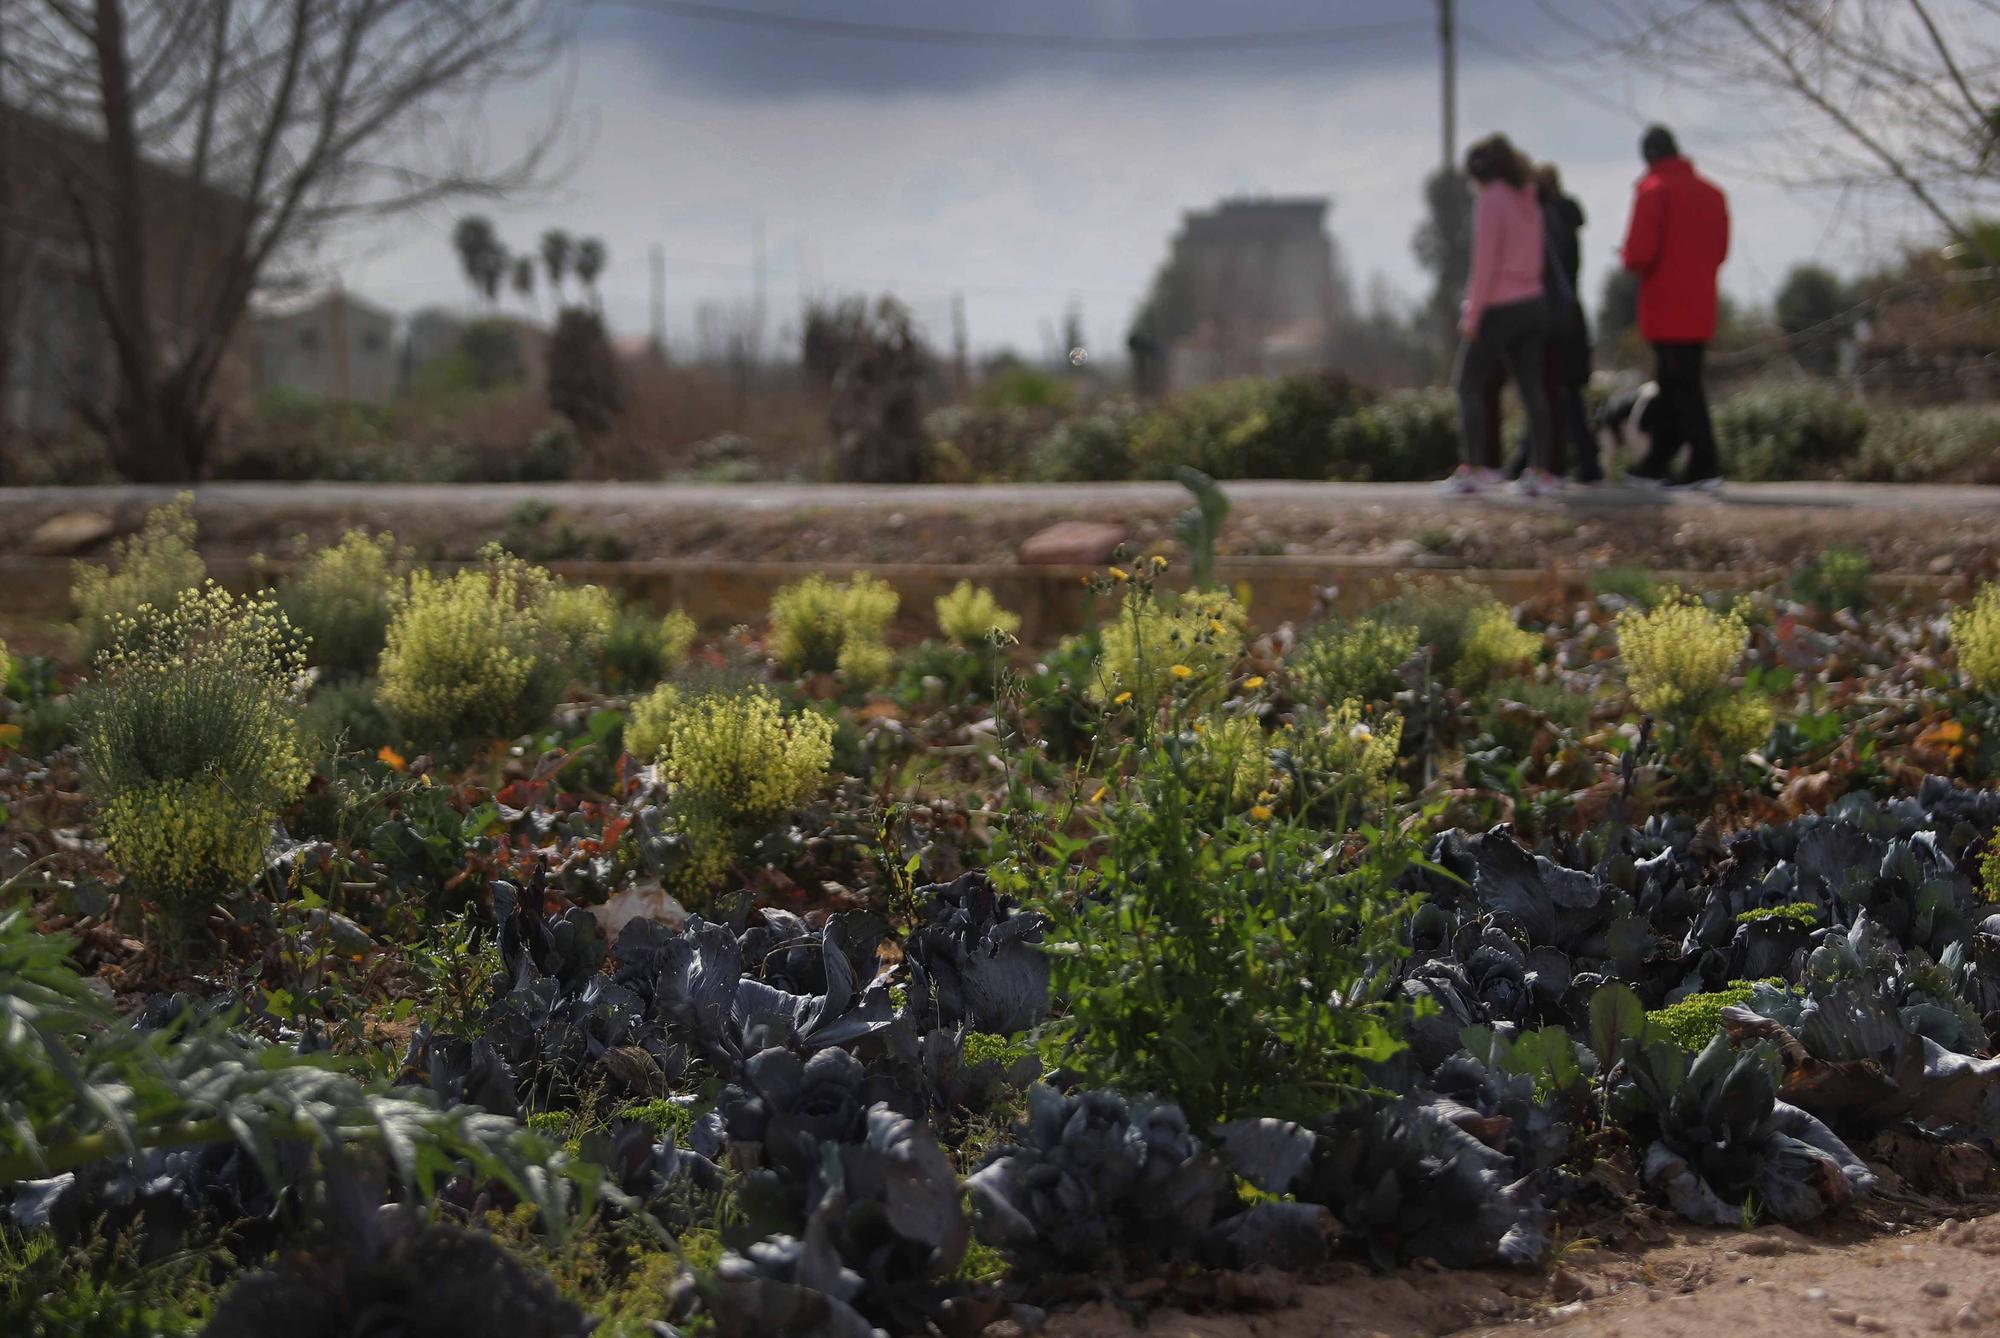 Los valencianos redescubren la huerta en los paseos de confinamiento